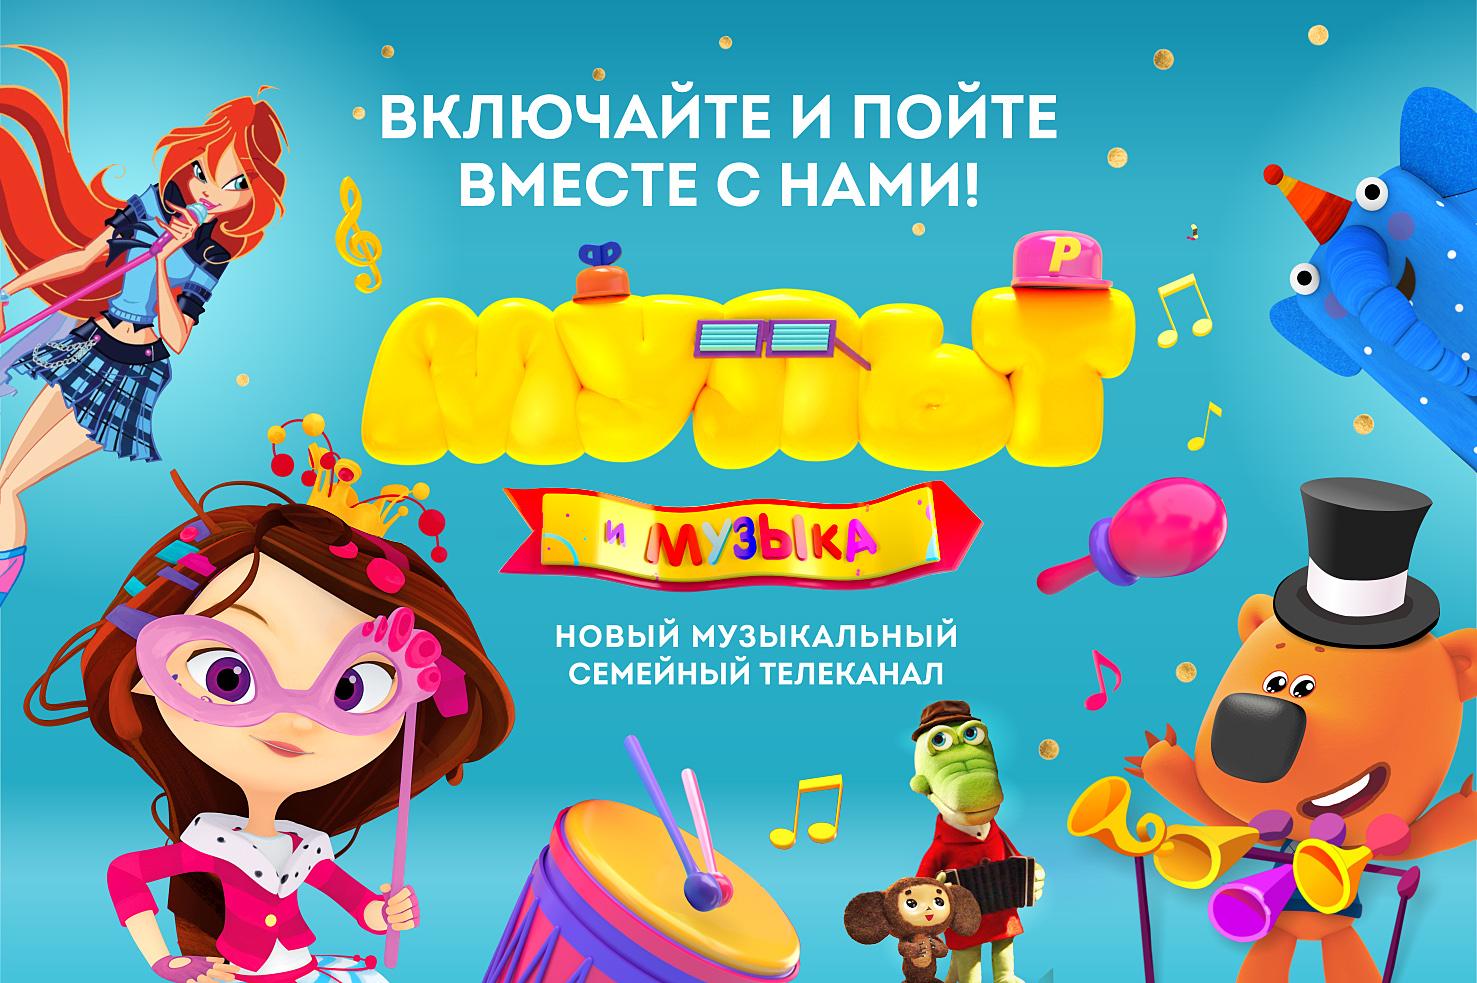 Афиша телеканала «Мульт и музыка»